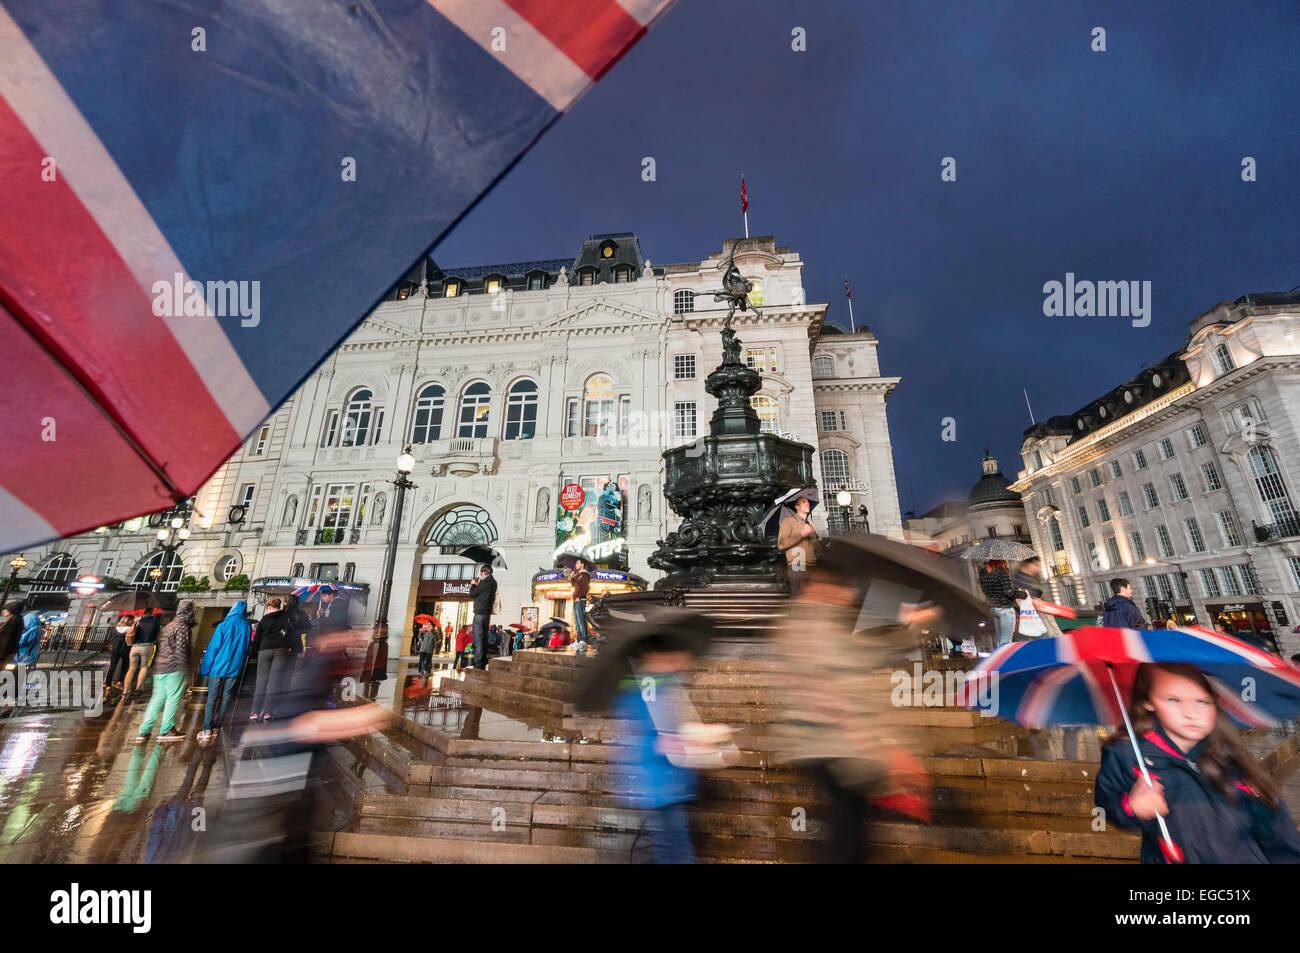 Menschen mit Sonnenschirmen am Piccadilly Circus in der Nacht, London, UK Stockbild